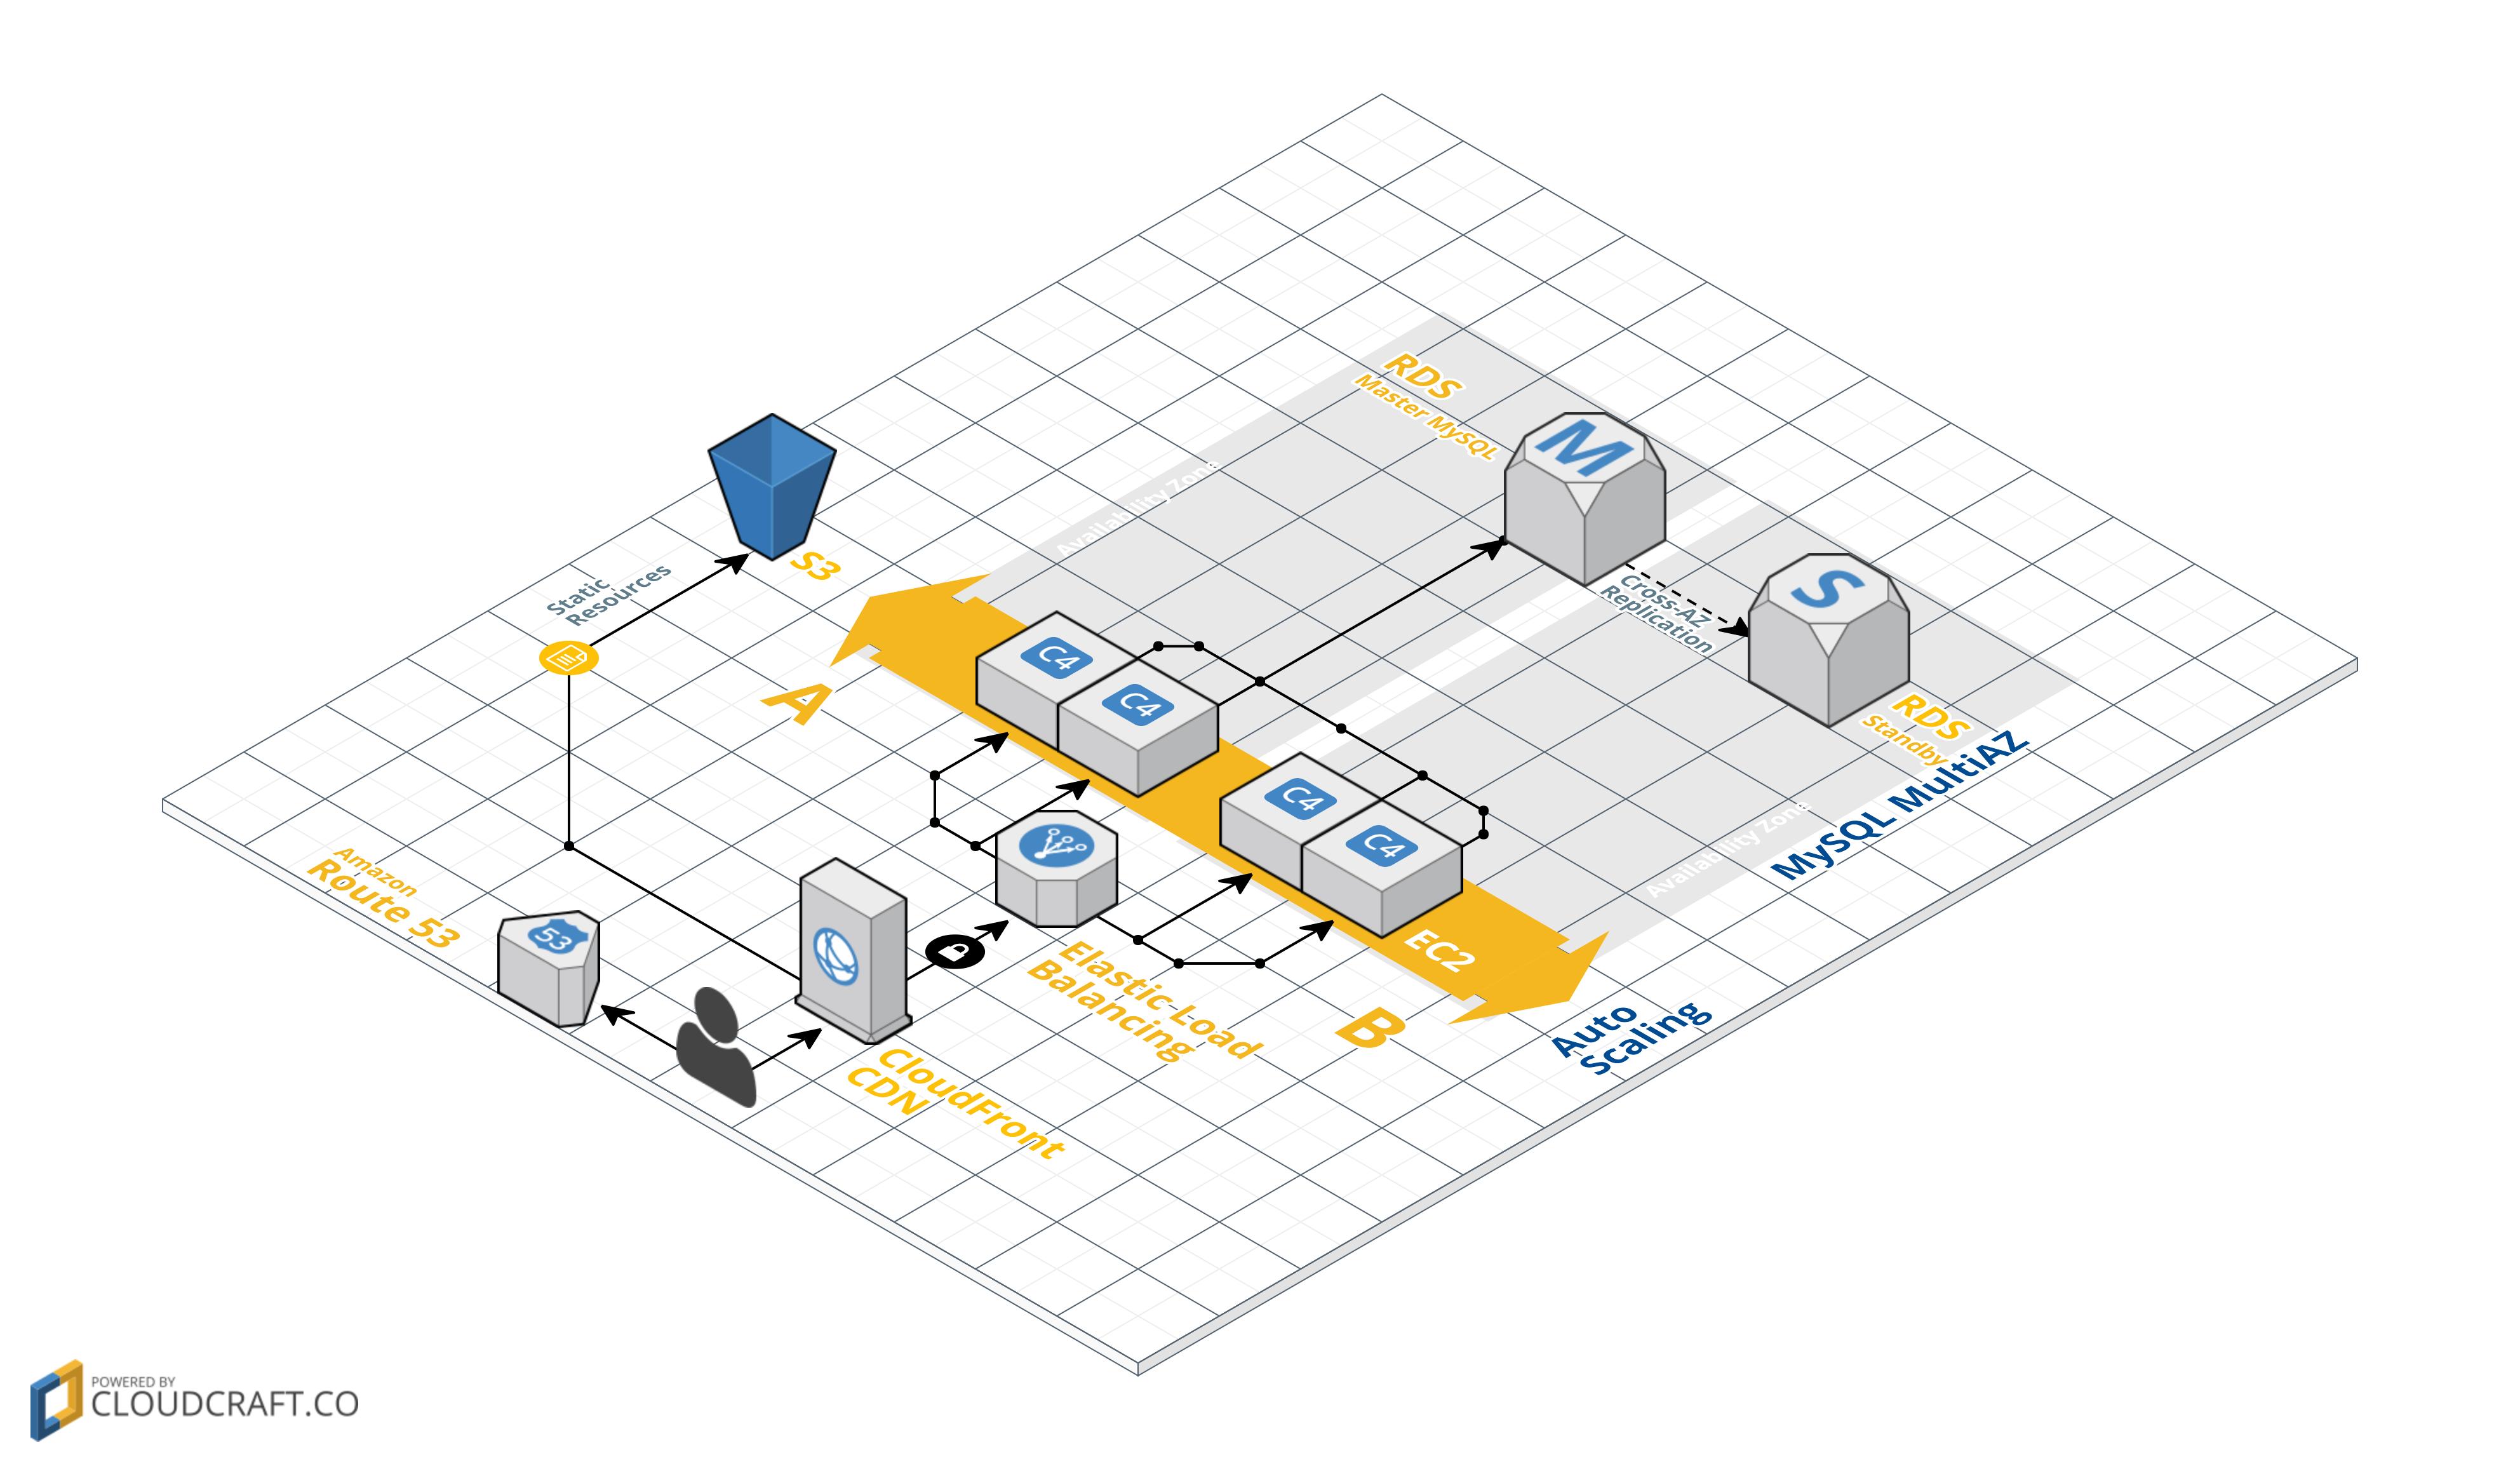 cloudcraft-web-app